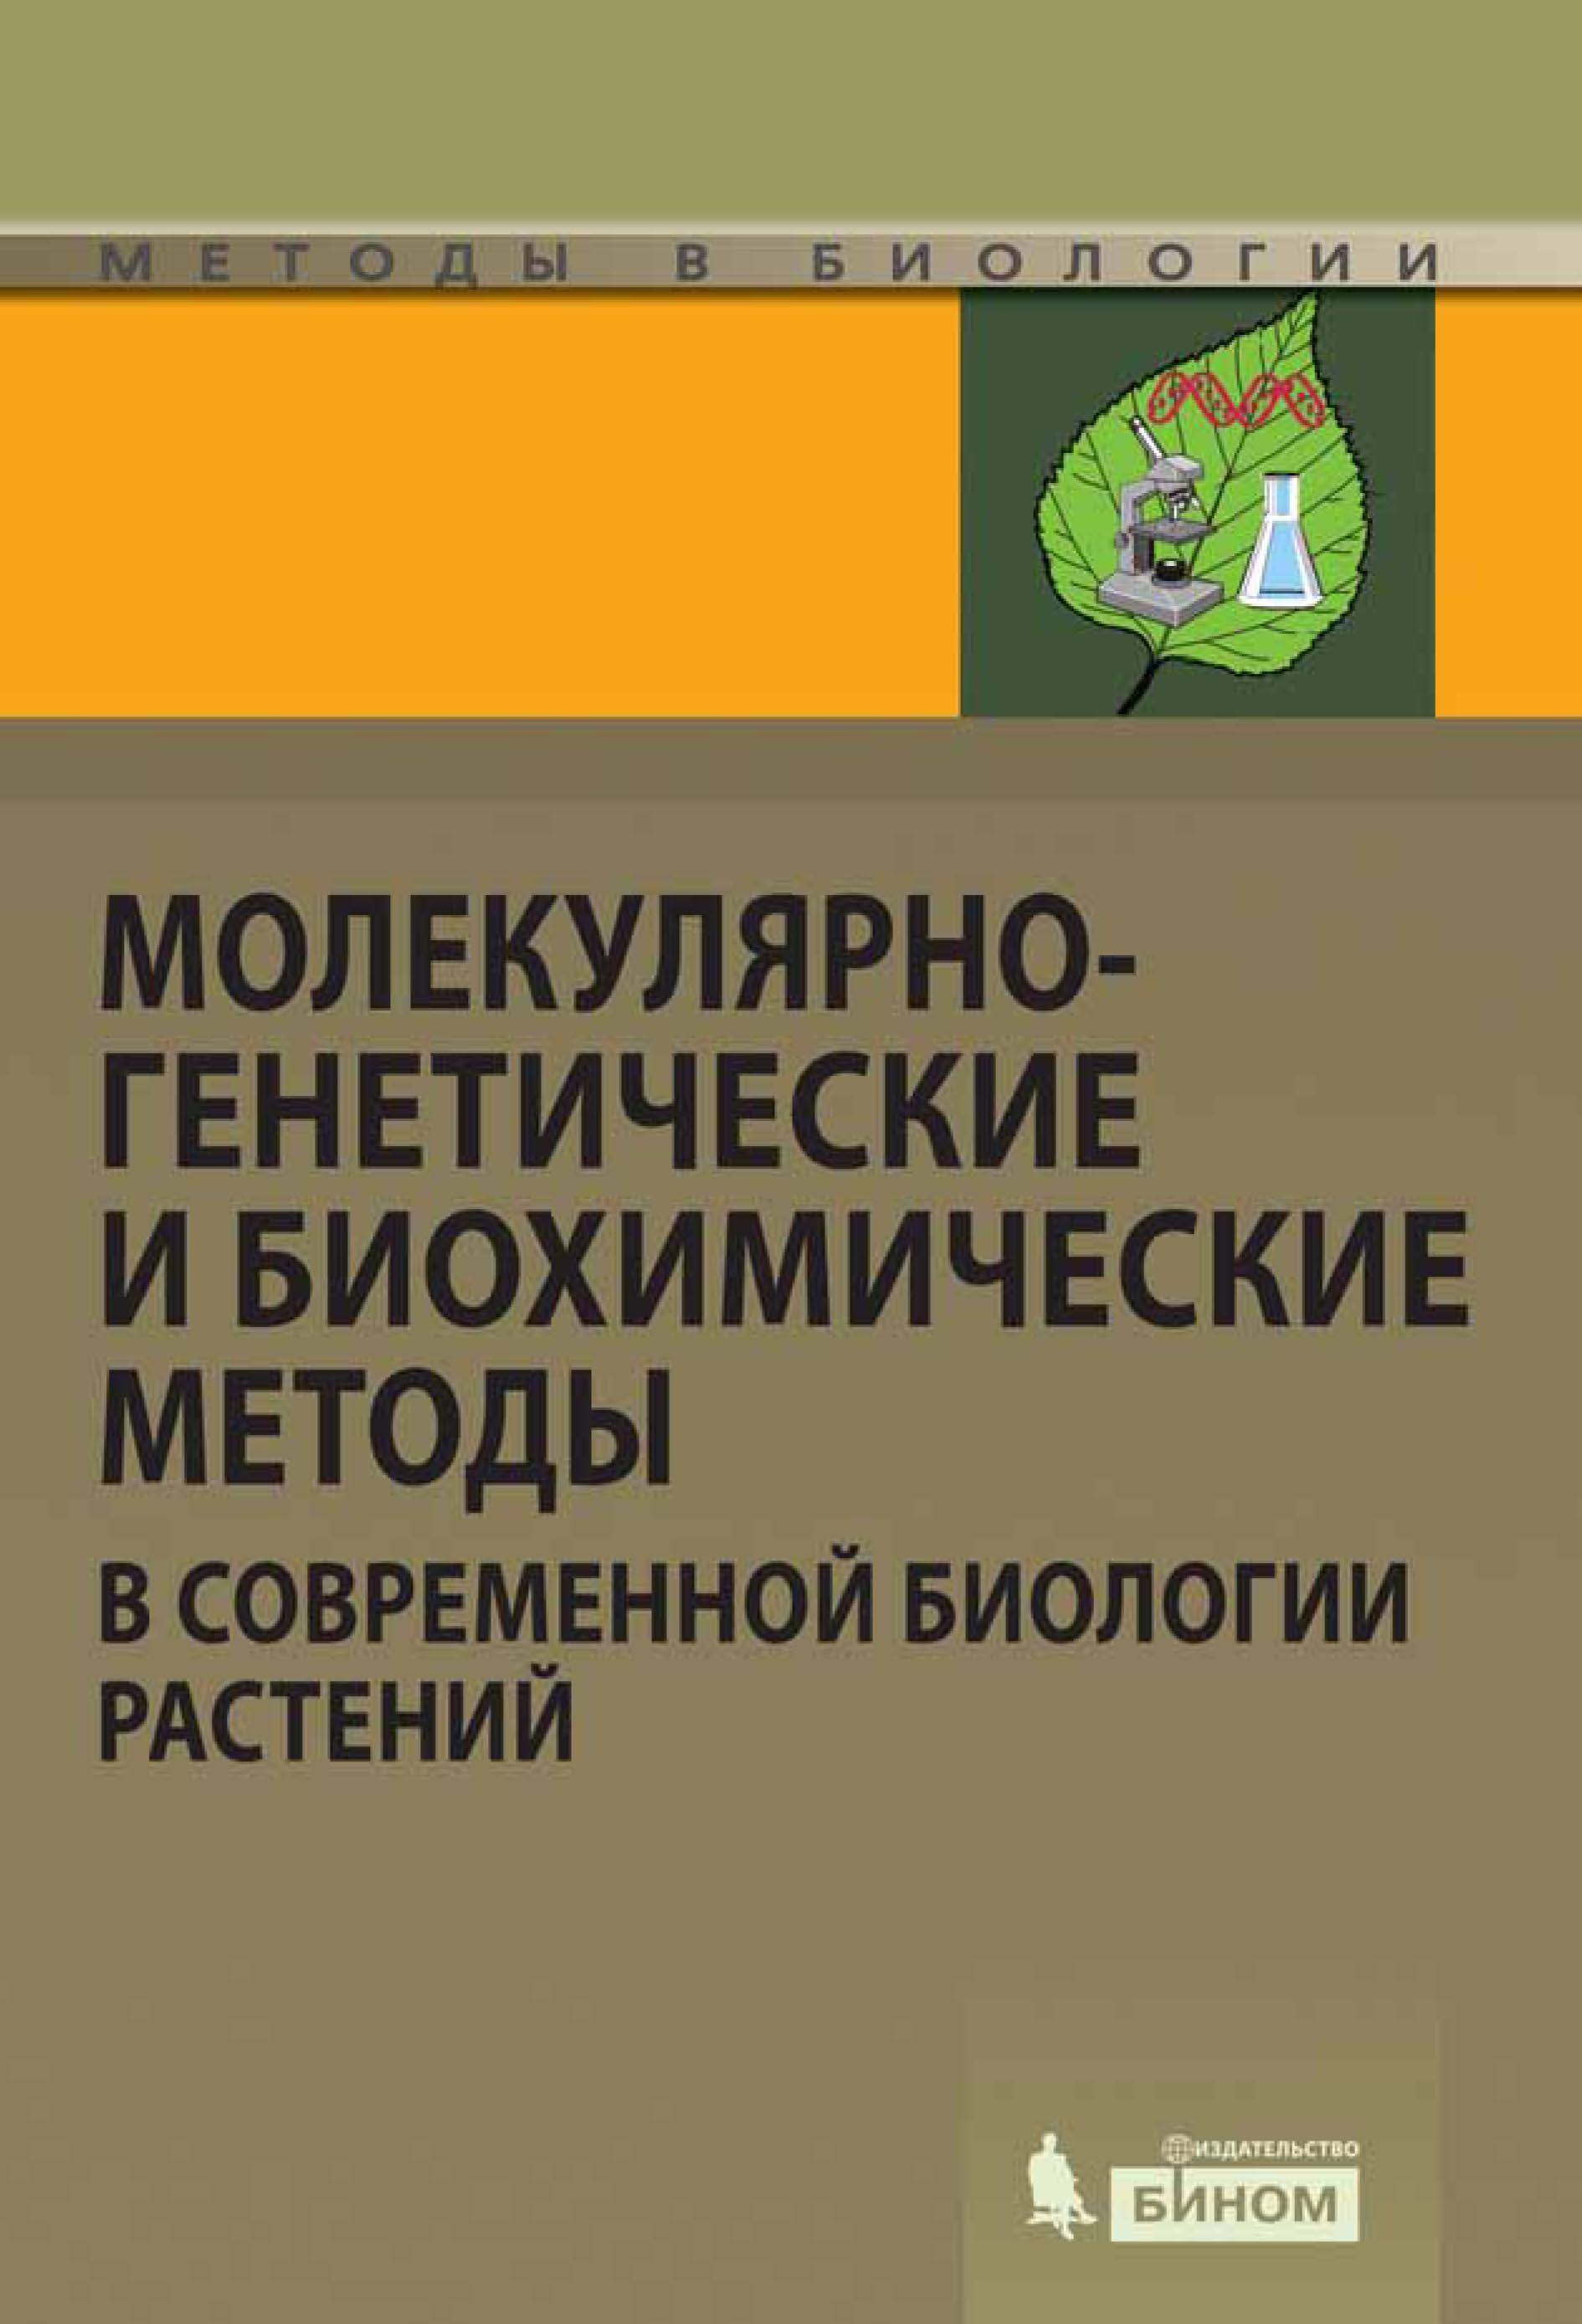 Молекулярно-генетические и биохимические методы в современной биологии растений